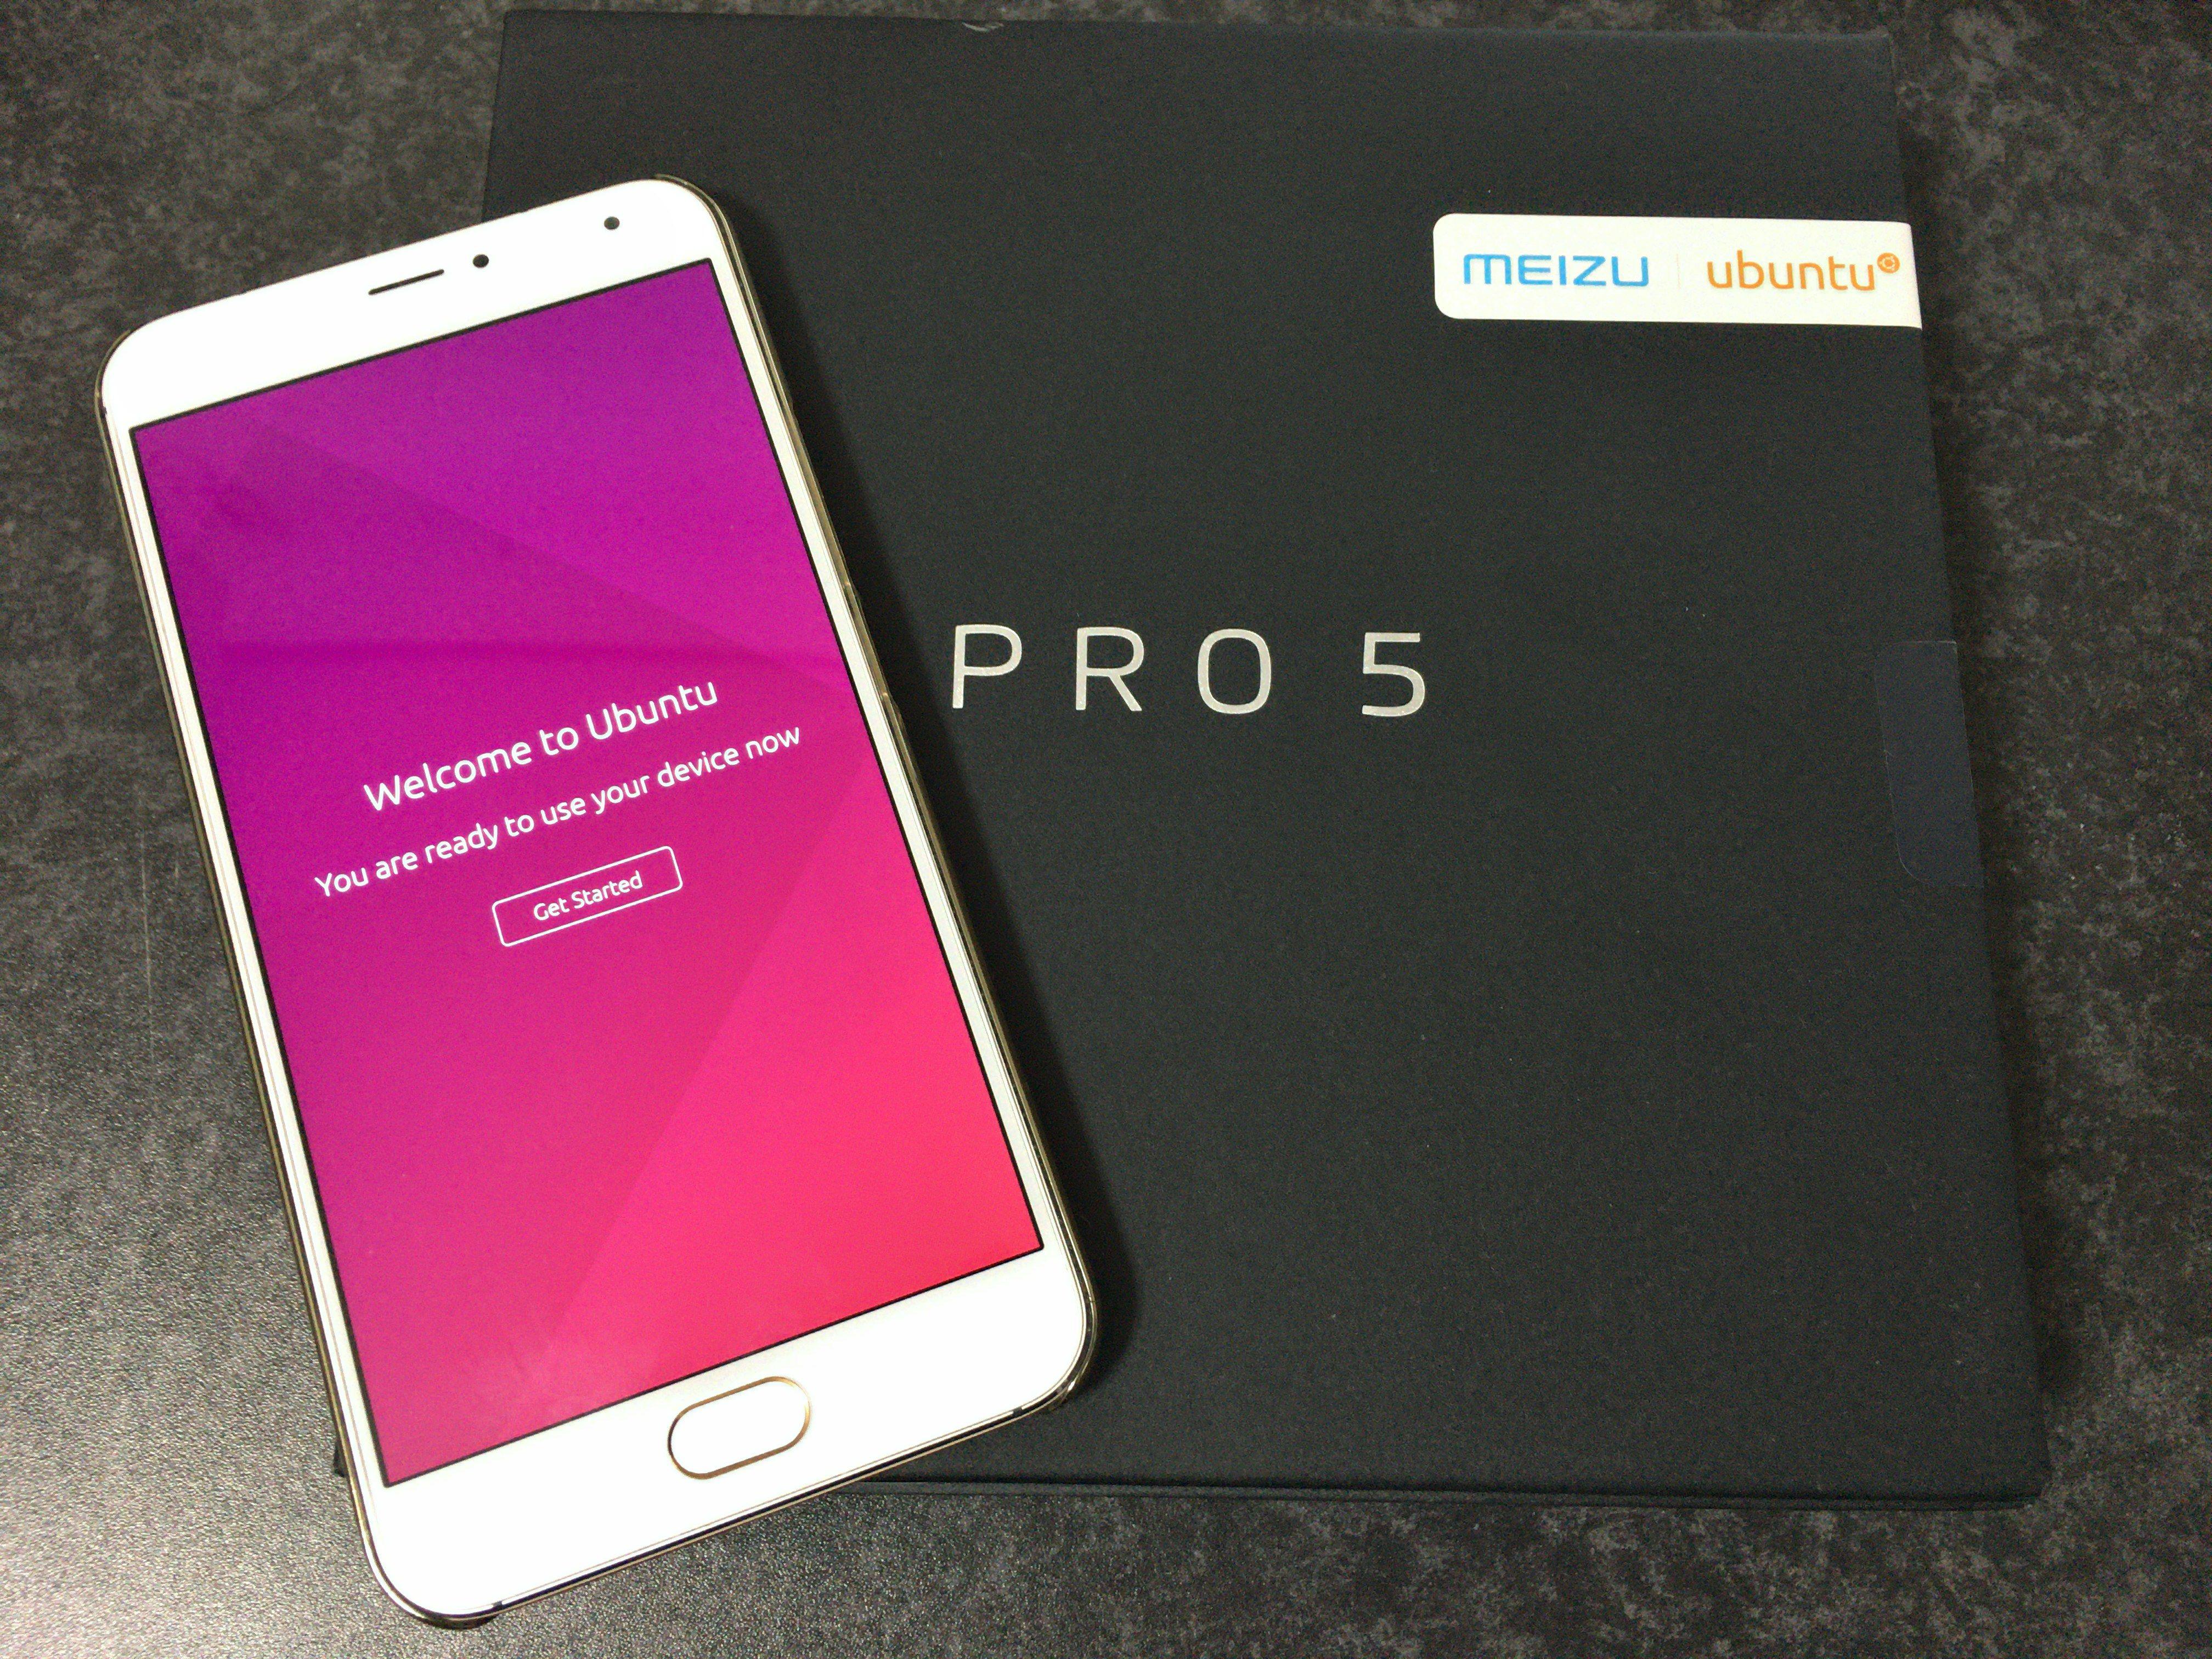 【2016年のベストバイガジェット】マイナーな機種にマイナーなOS、Meizu PRO 5 Ubuntu Editionのレビュー